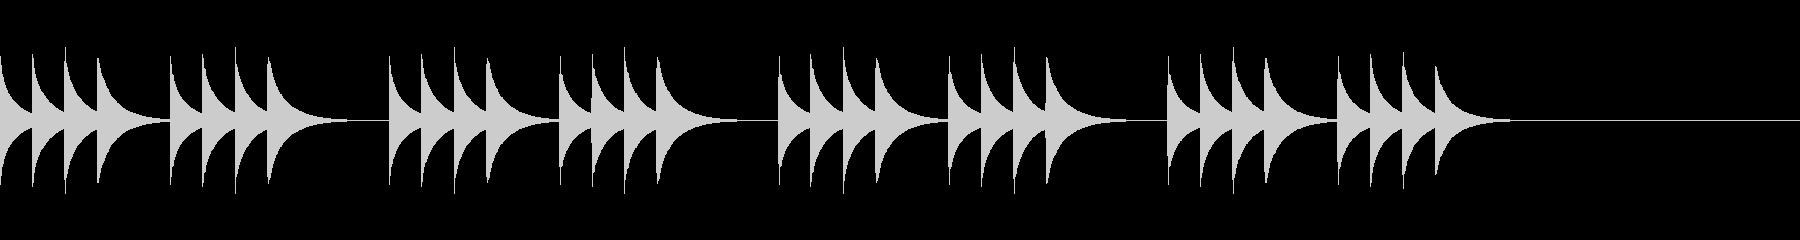 柔らかいコール音04の未再生の波形